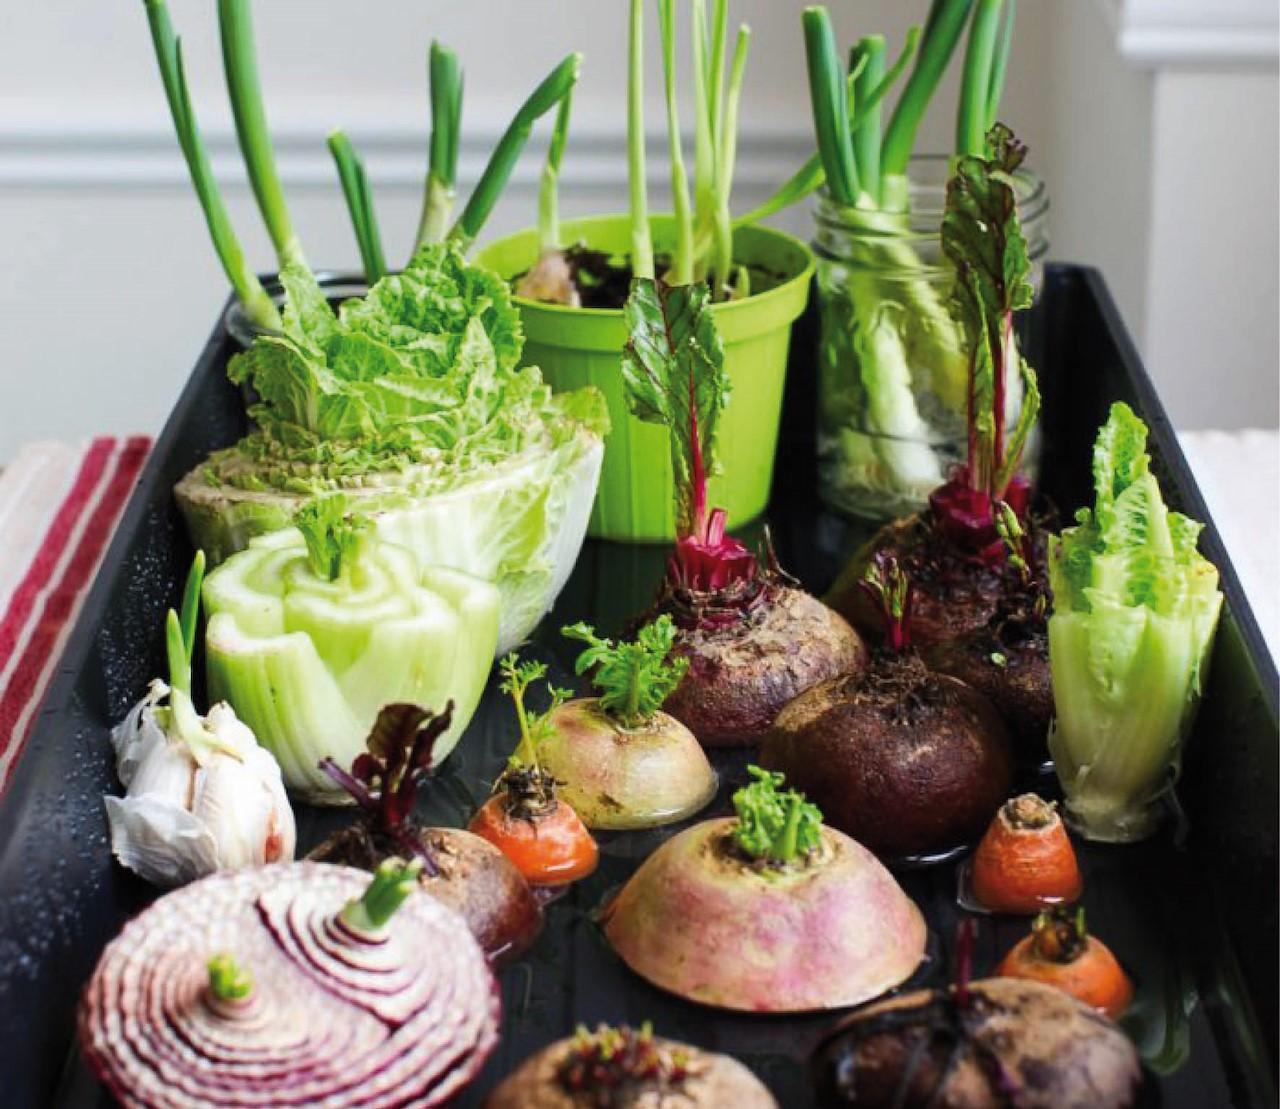 Kruiden & groenten die je kan laten terug groeien uit restjes